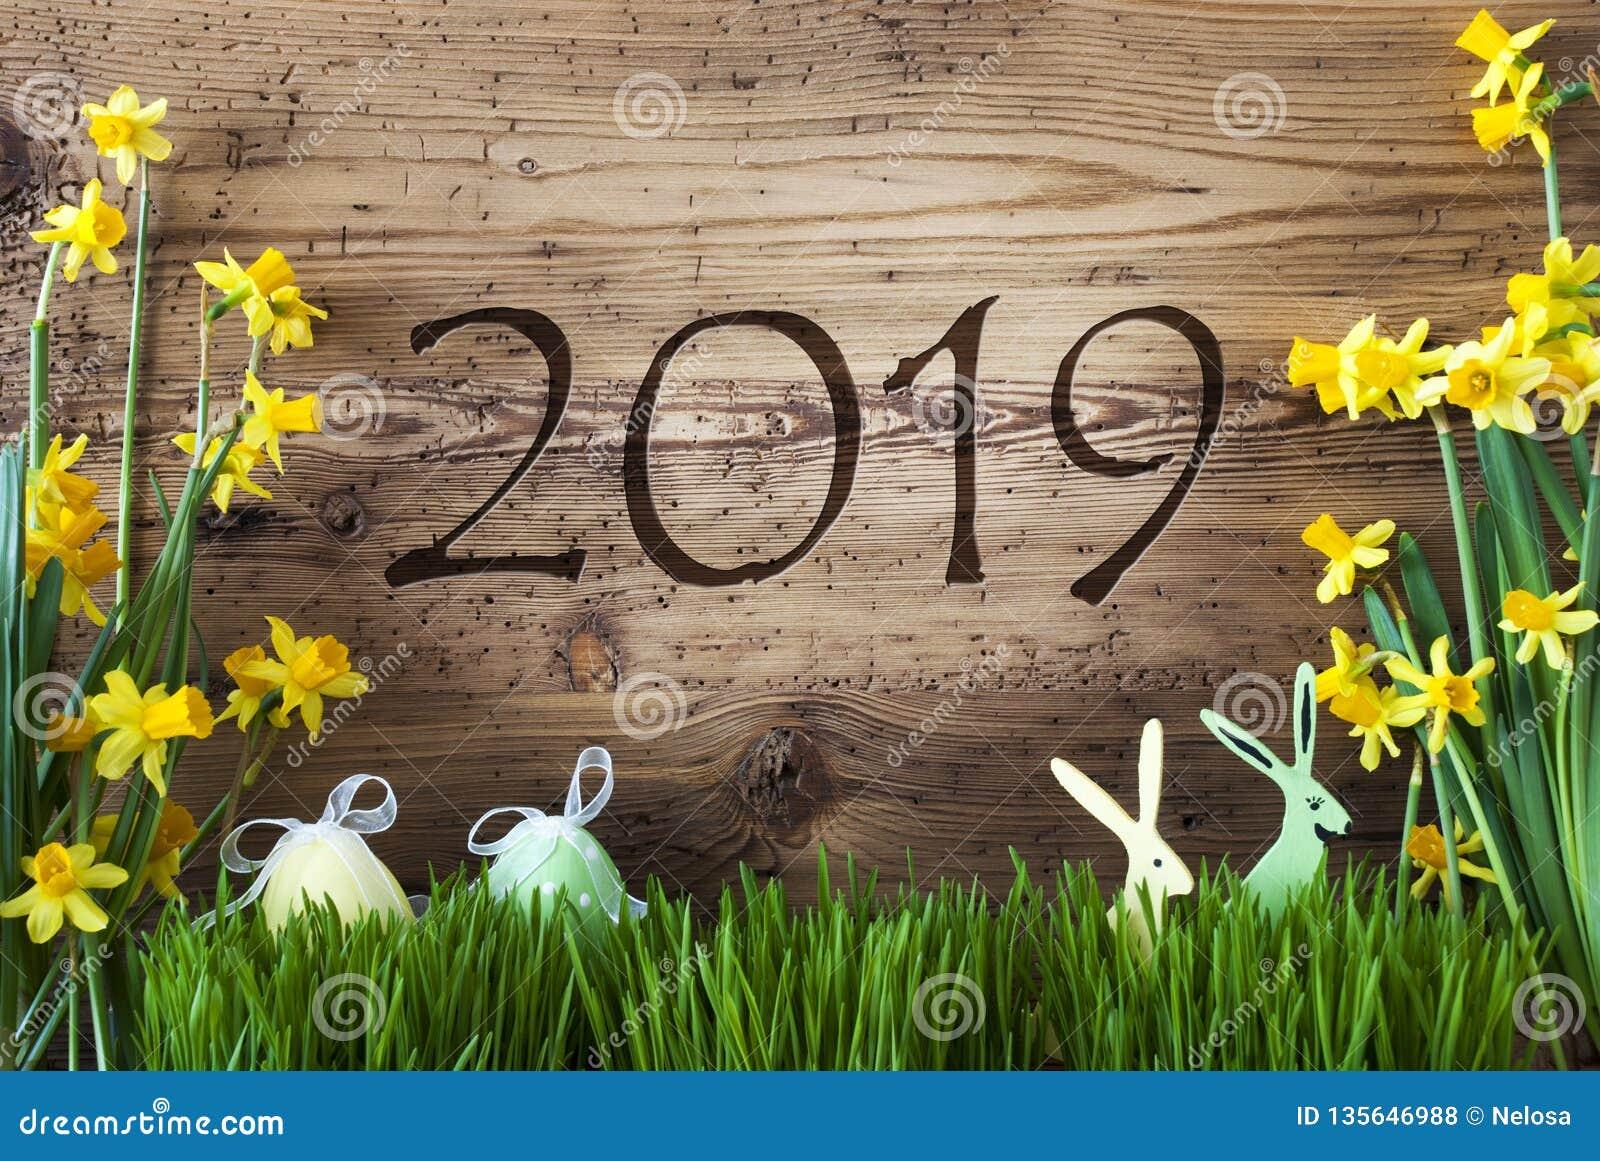 Decorazione di Pasqua, Gras, testo 2019, fondo di legno di Brown